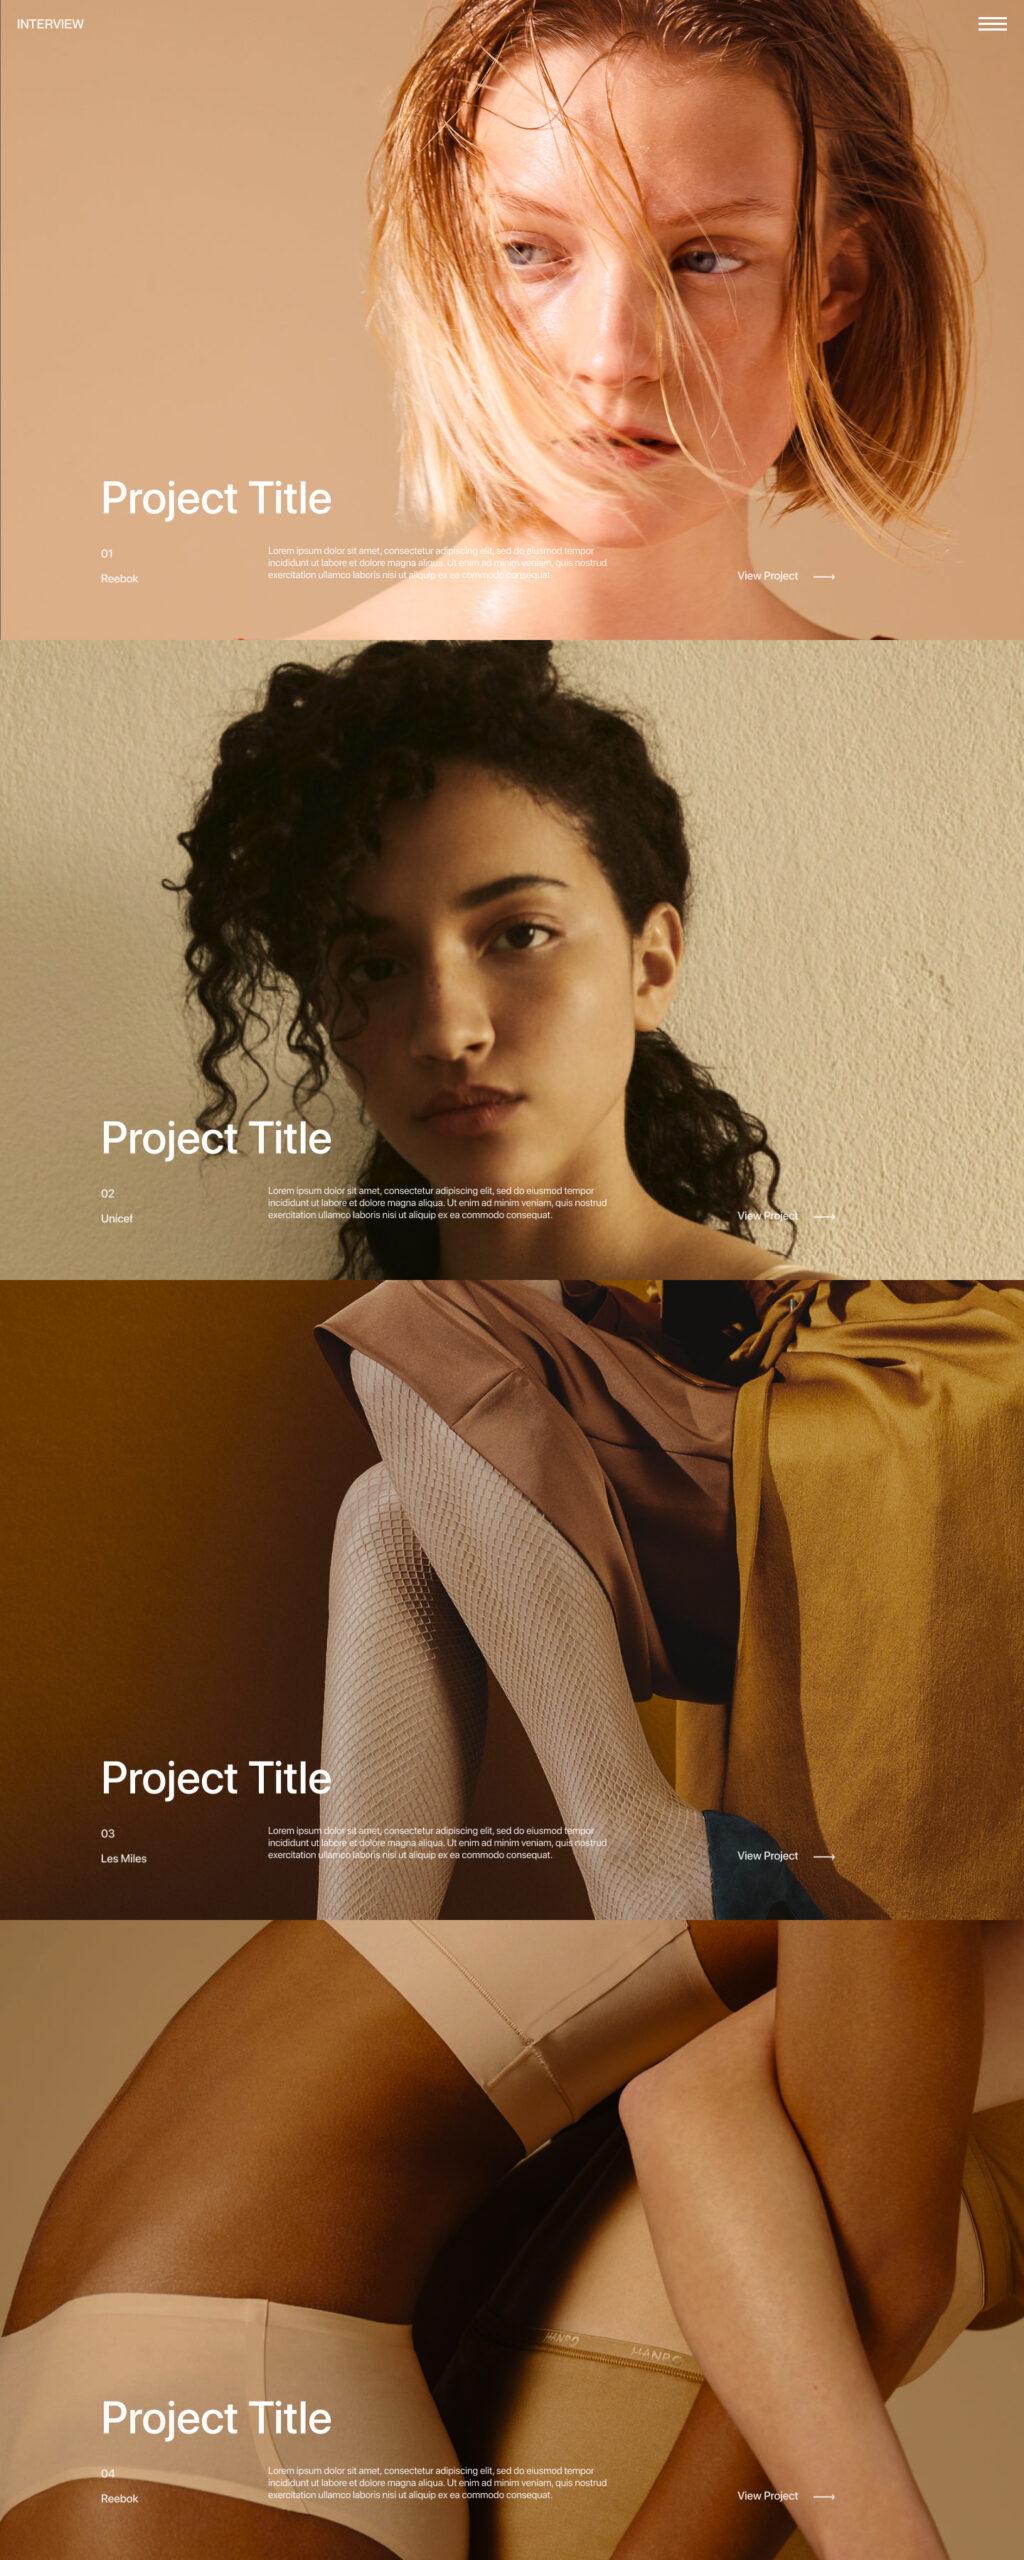 访问网页设计作品集免费着陆页设计插图1